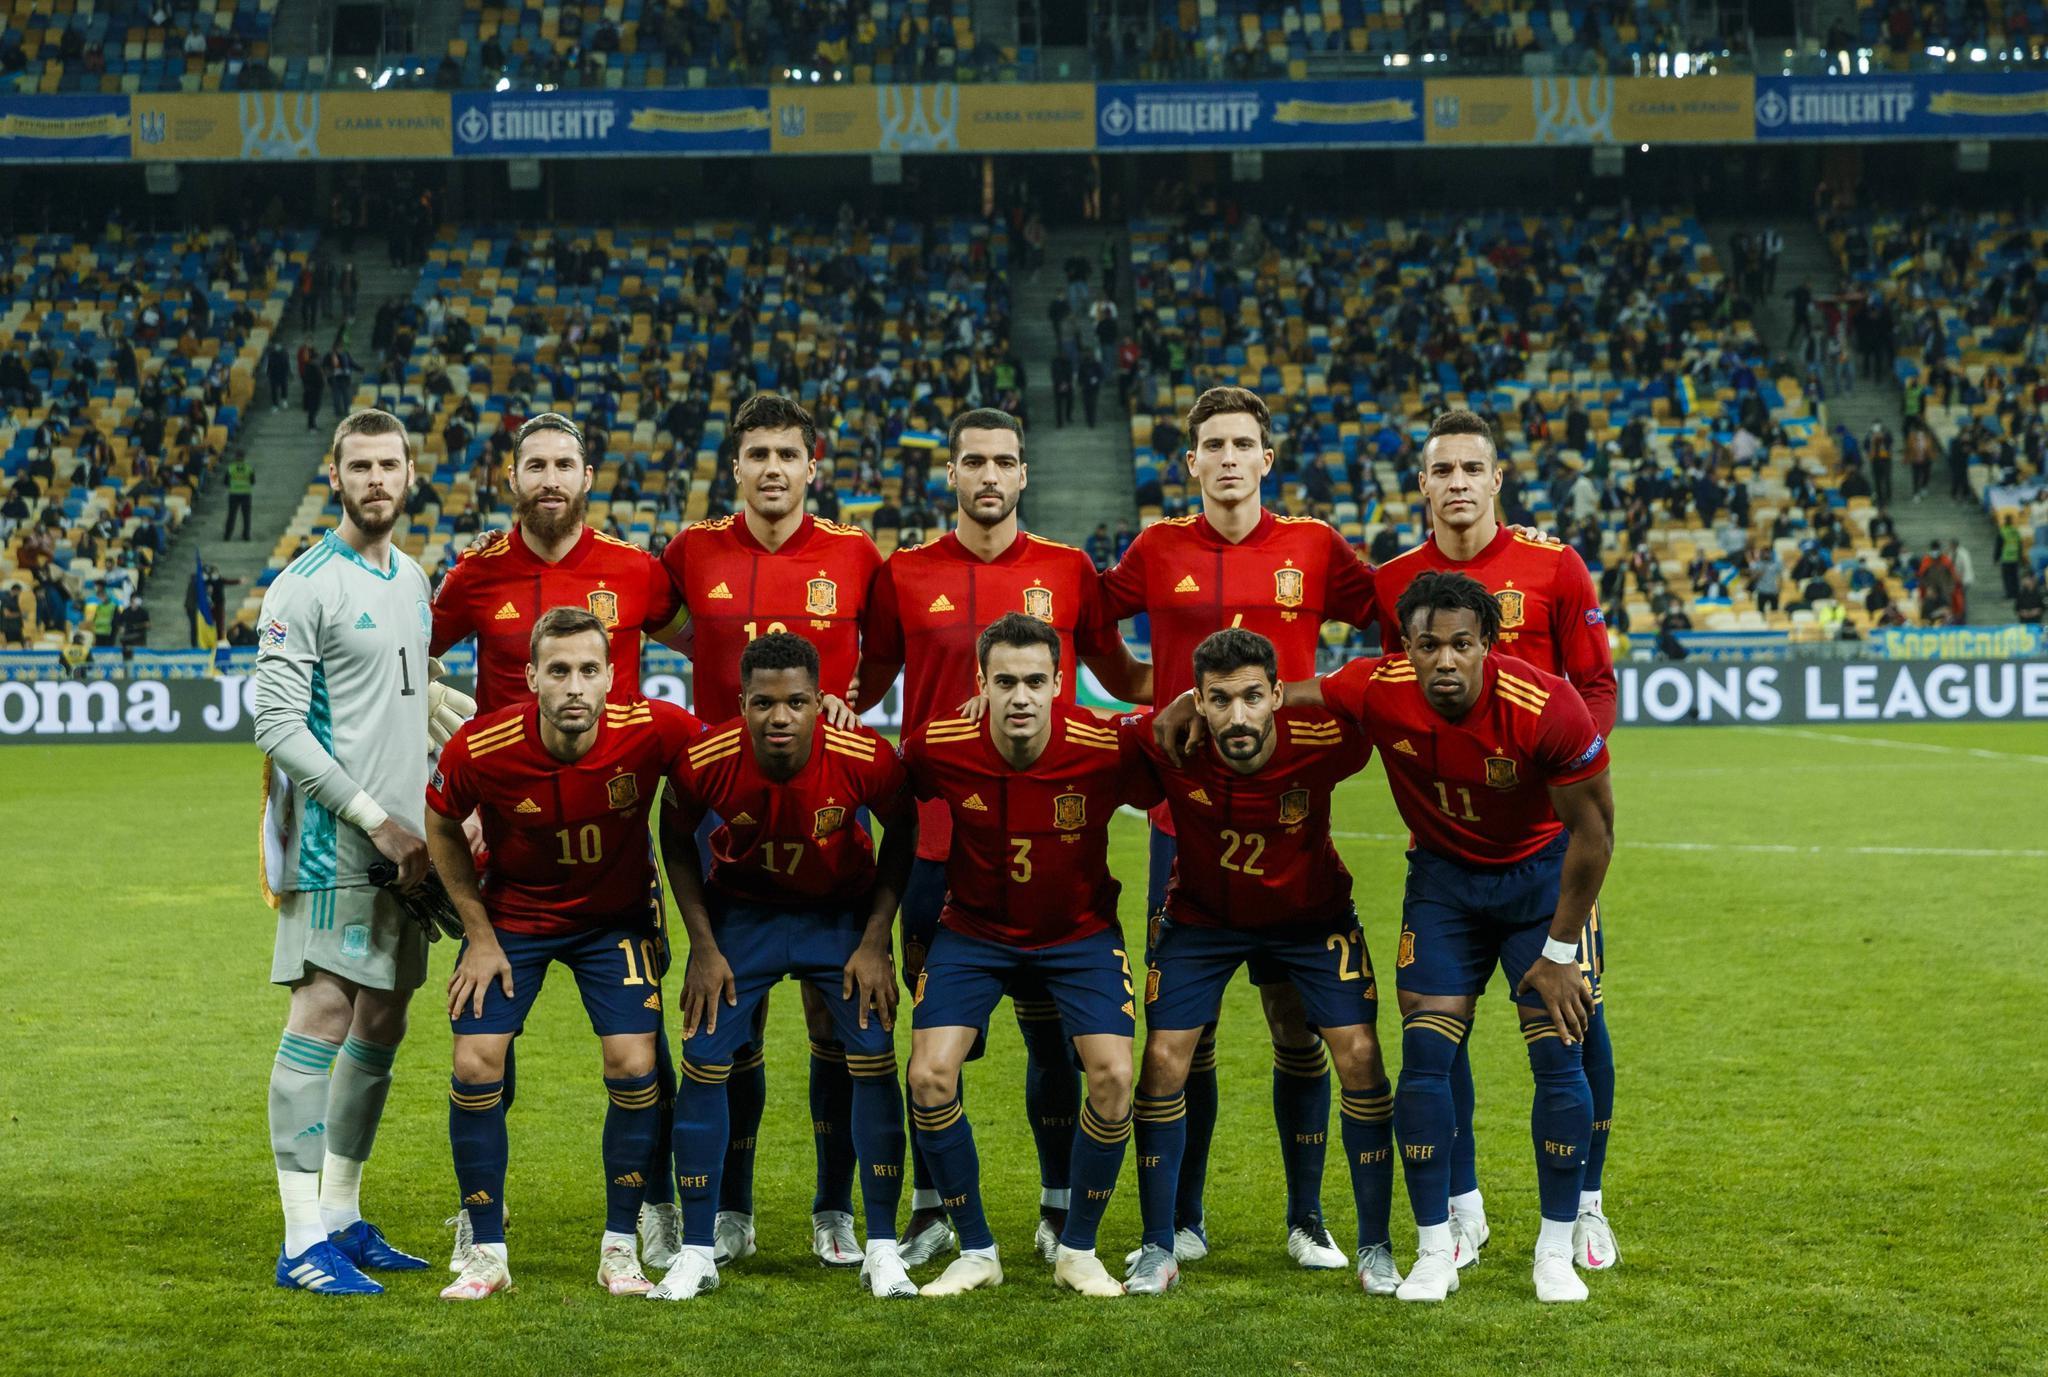 欧国联第四轮西班牙客场0:1不敌乌克兰,西班牙暂列小组第一名